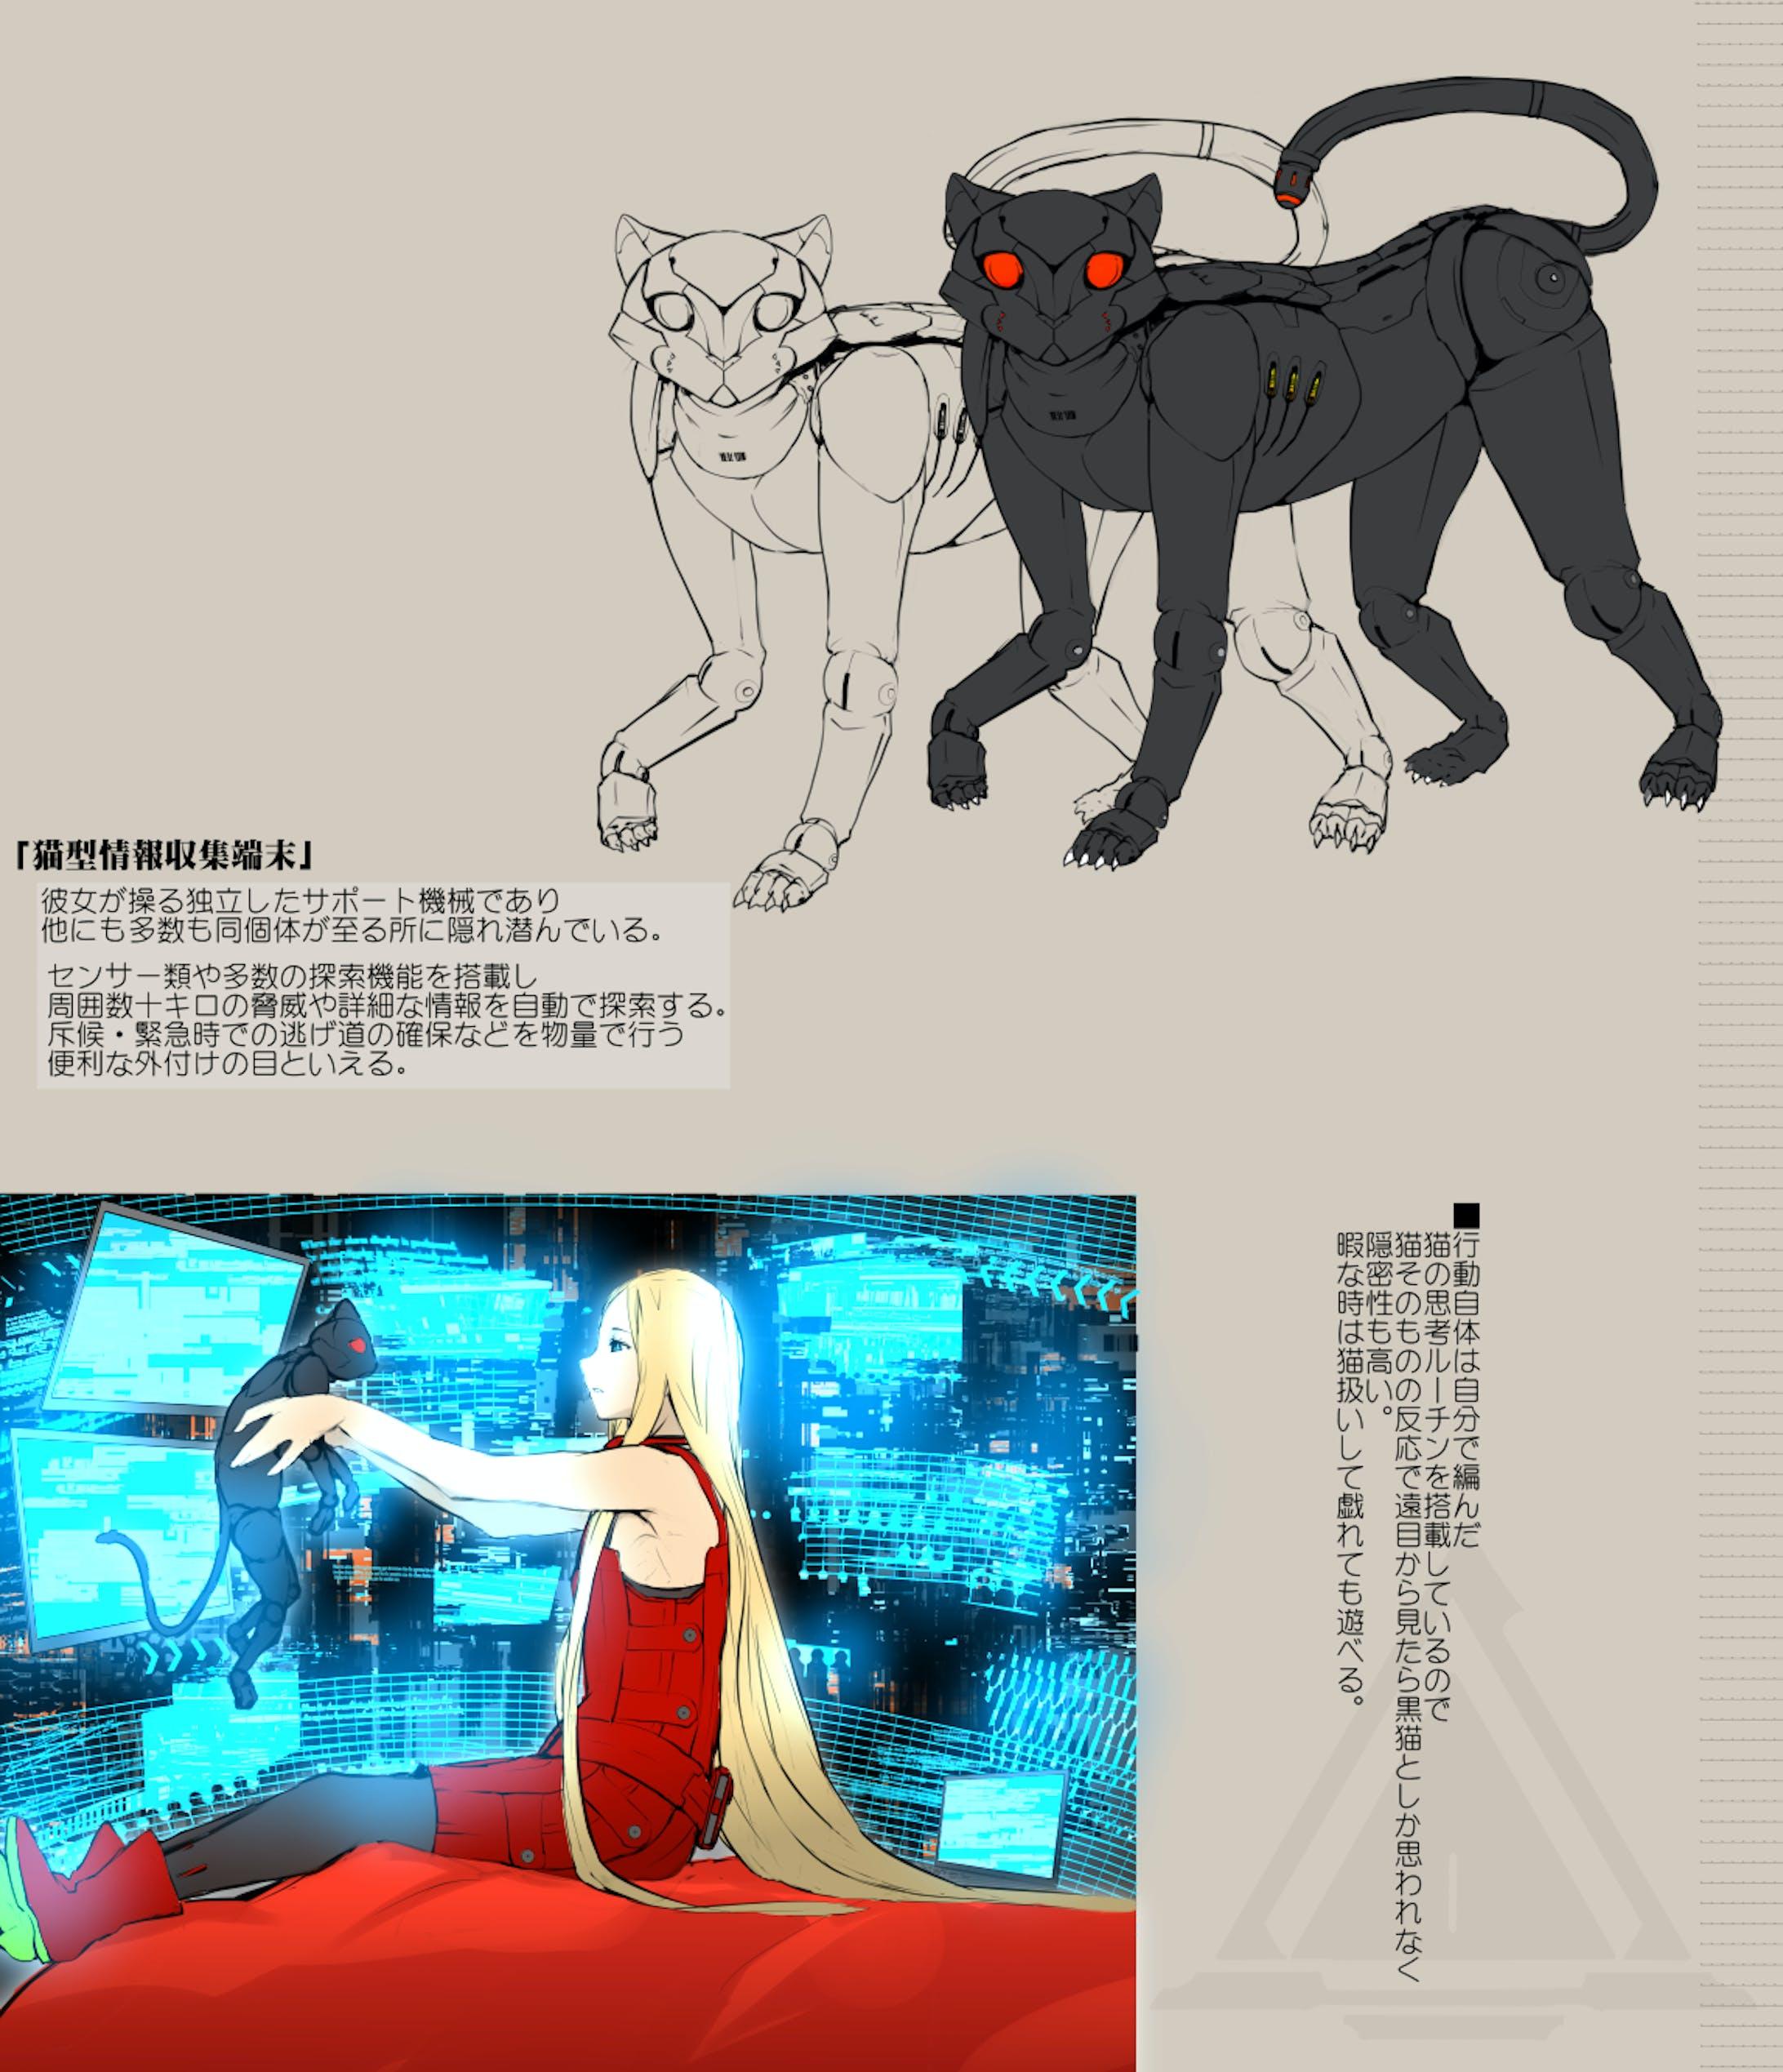 「創作」SF魔女風ハッカー-5